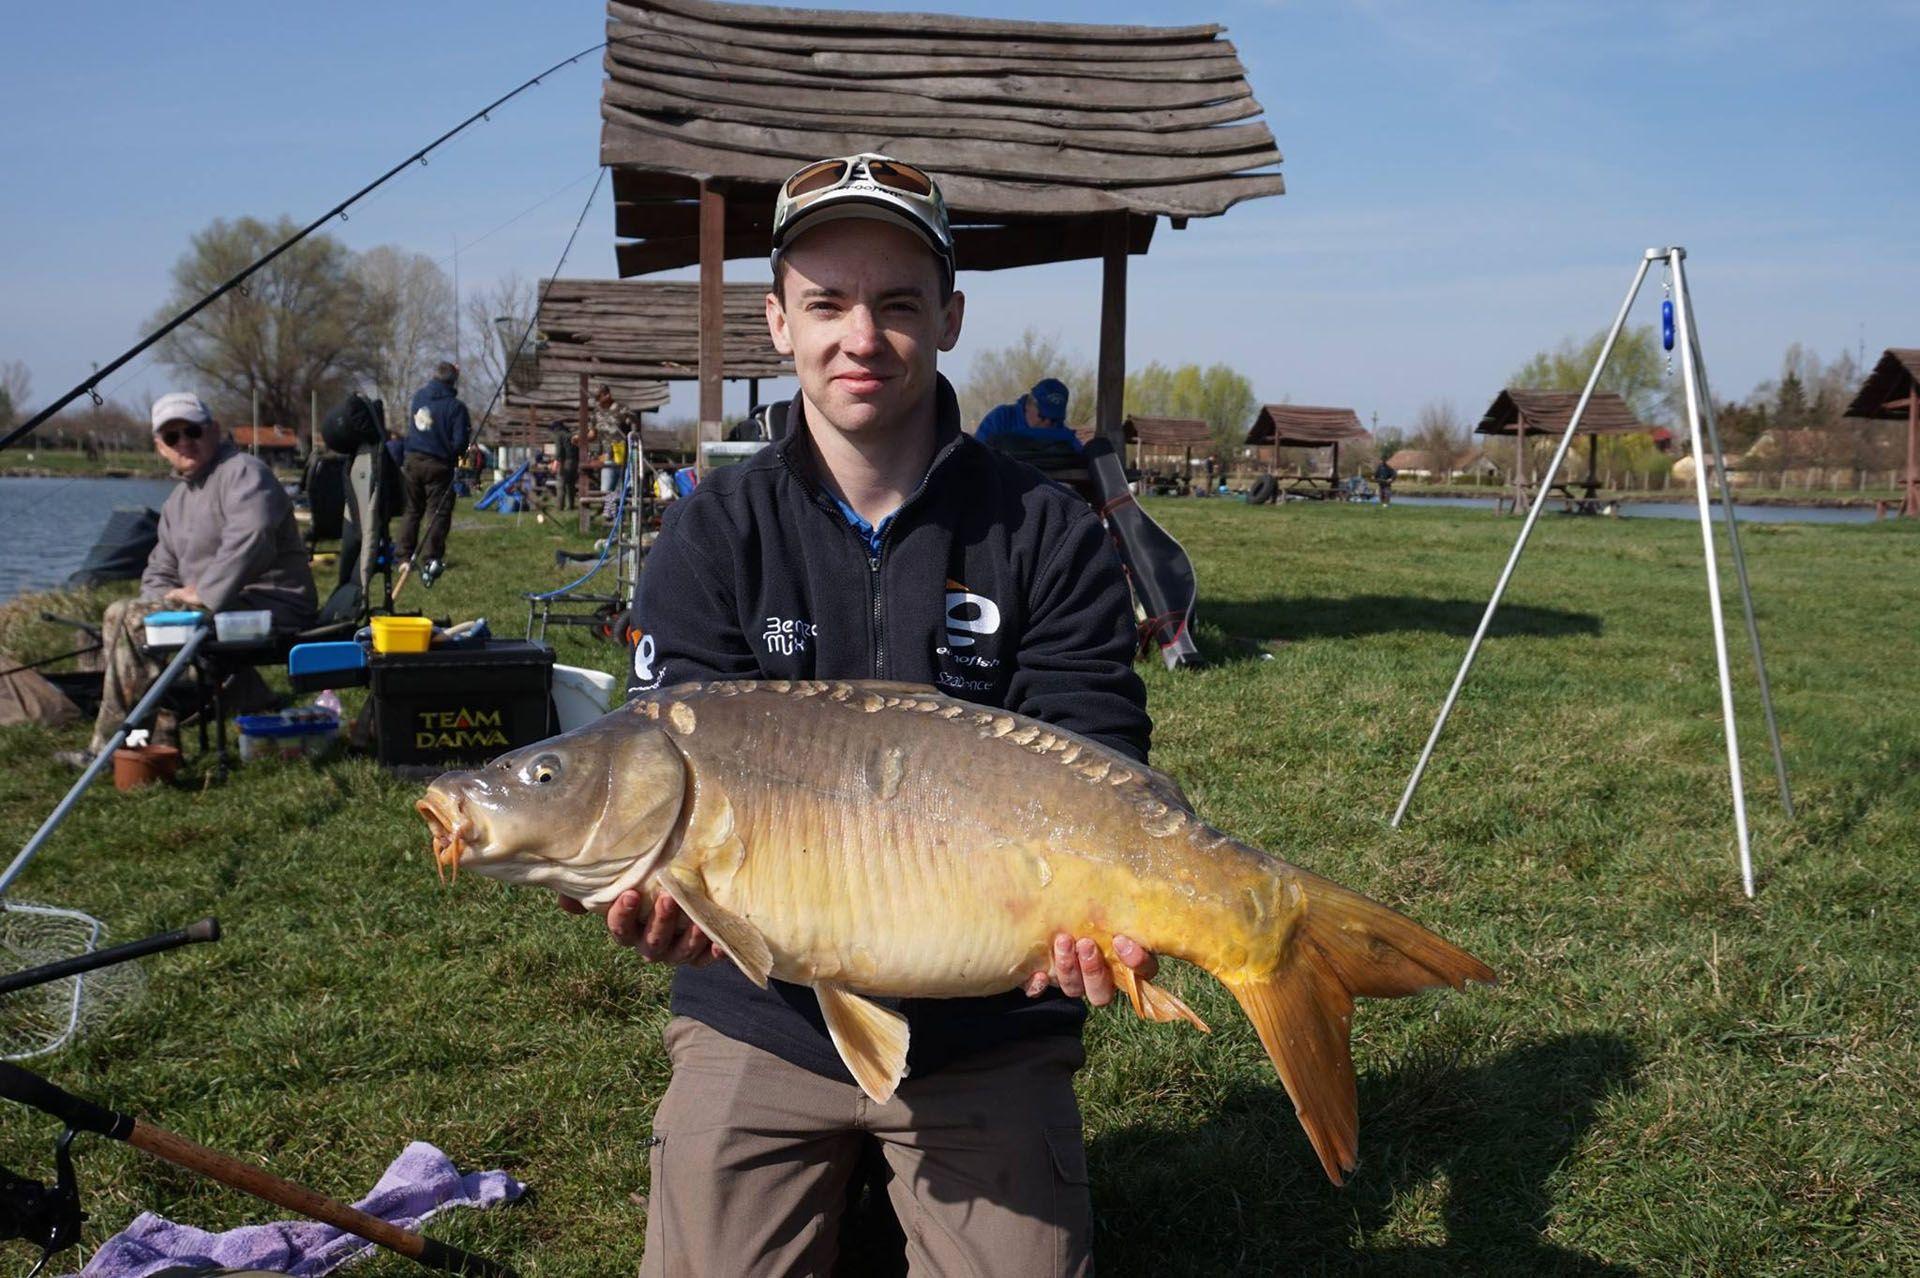 A legnagyobb halat Szabó Bence fogta, súlya 11.070 g volt